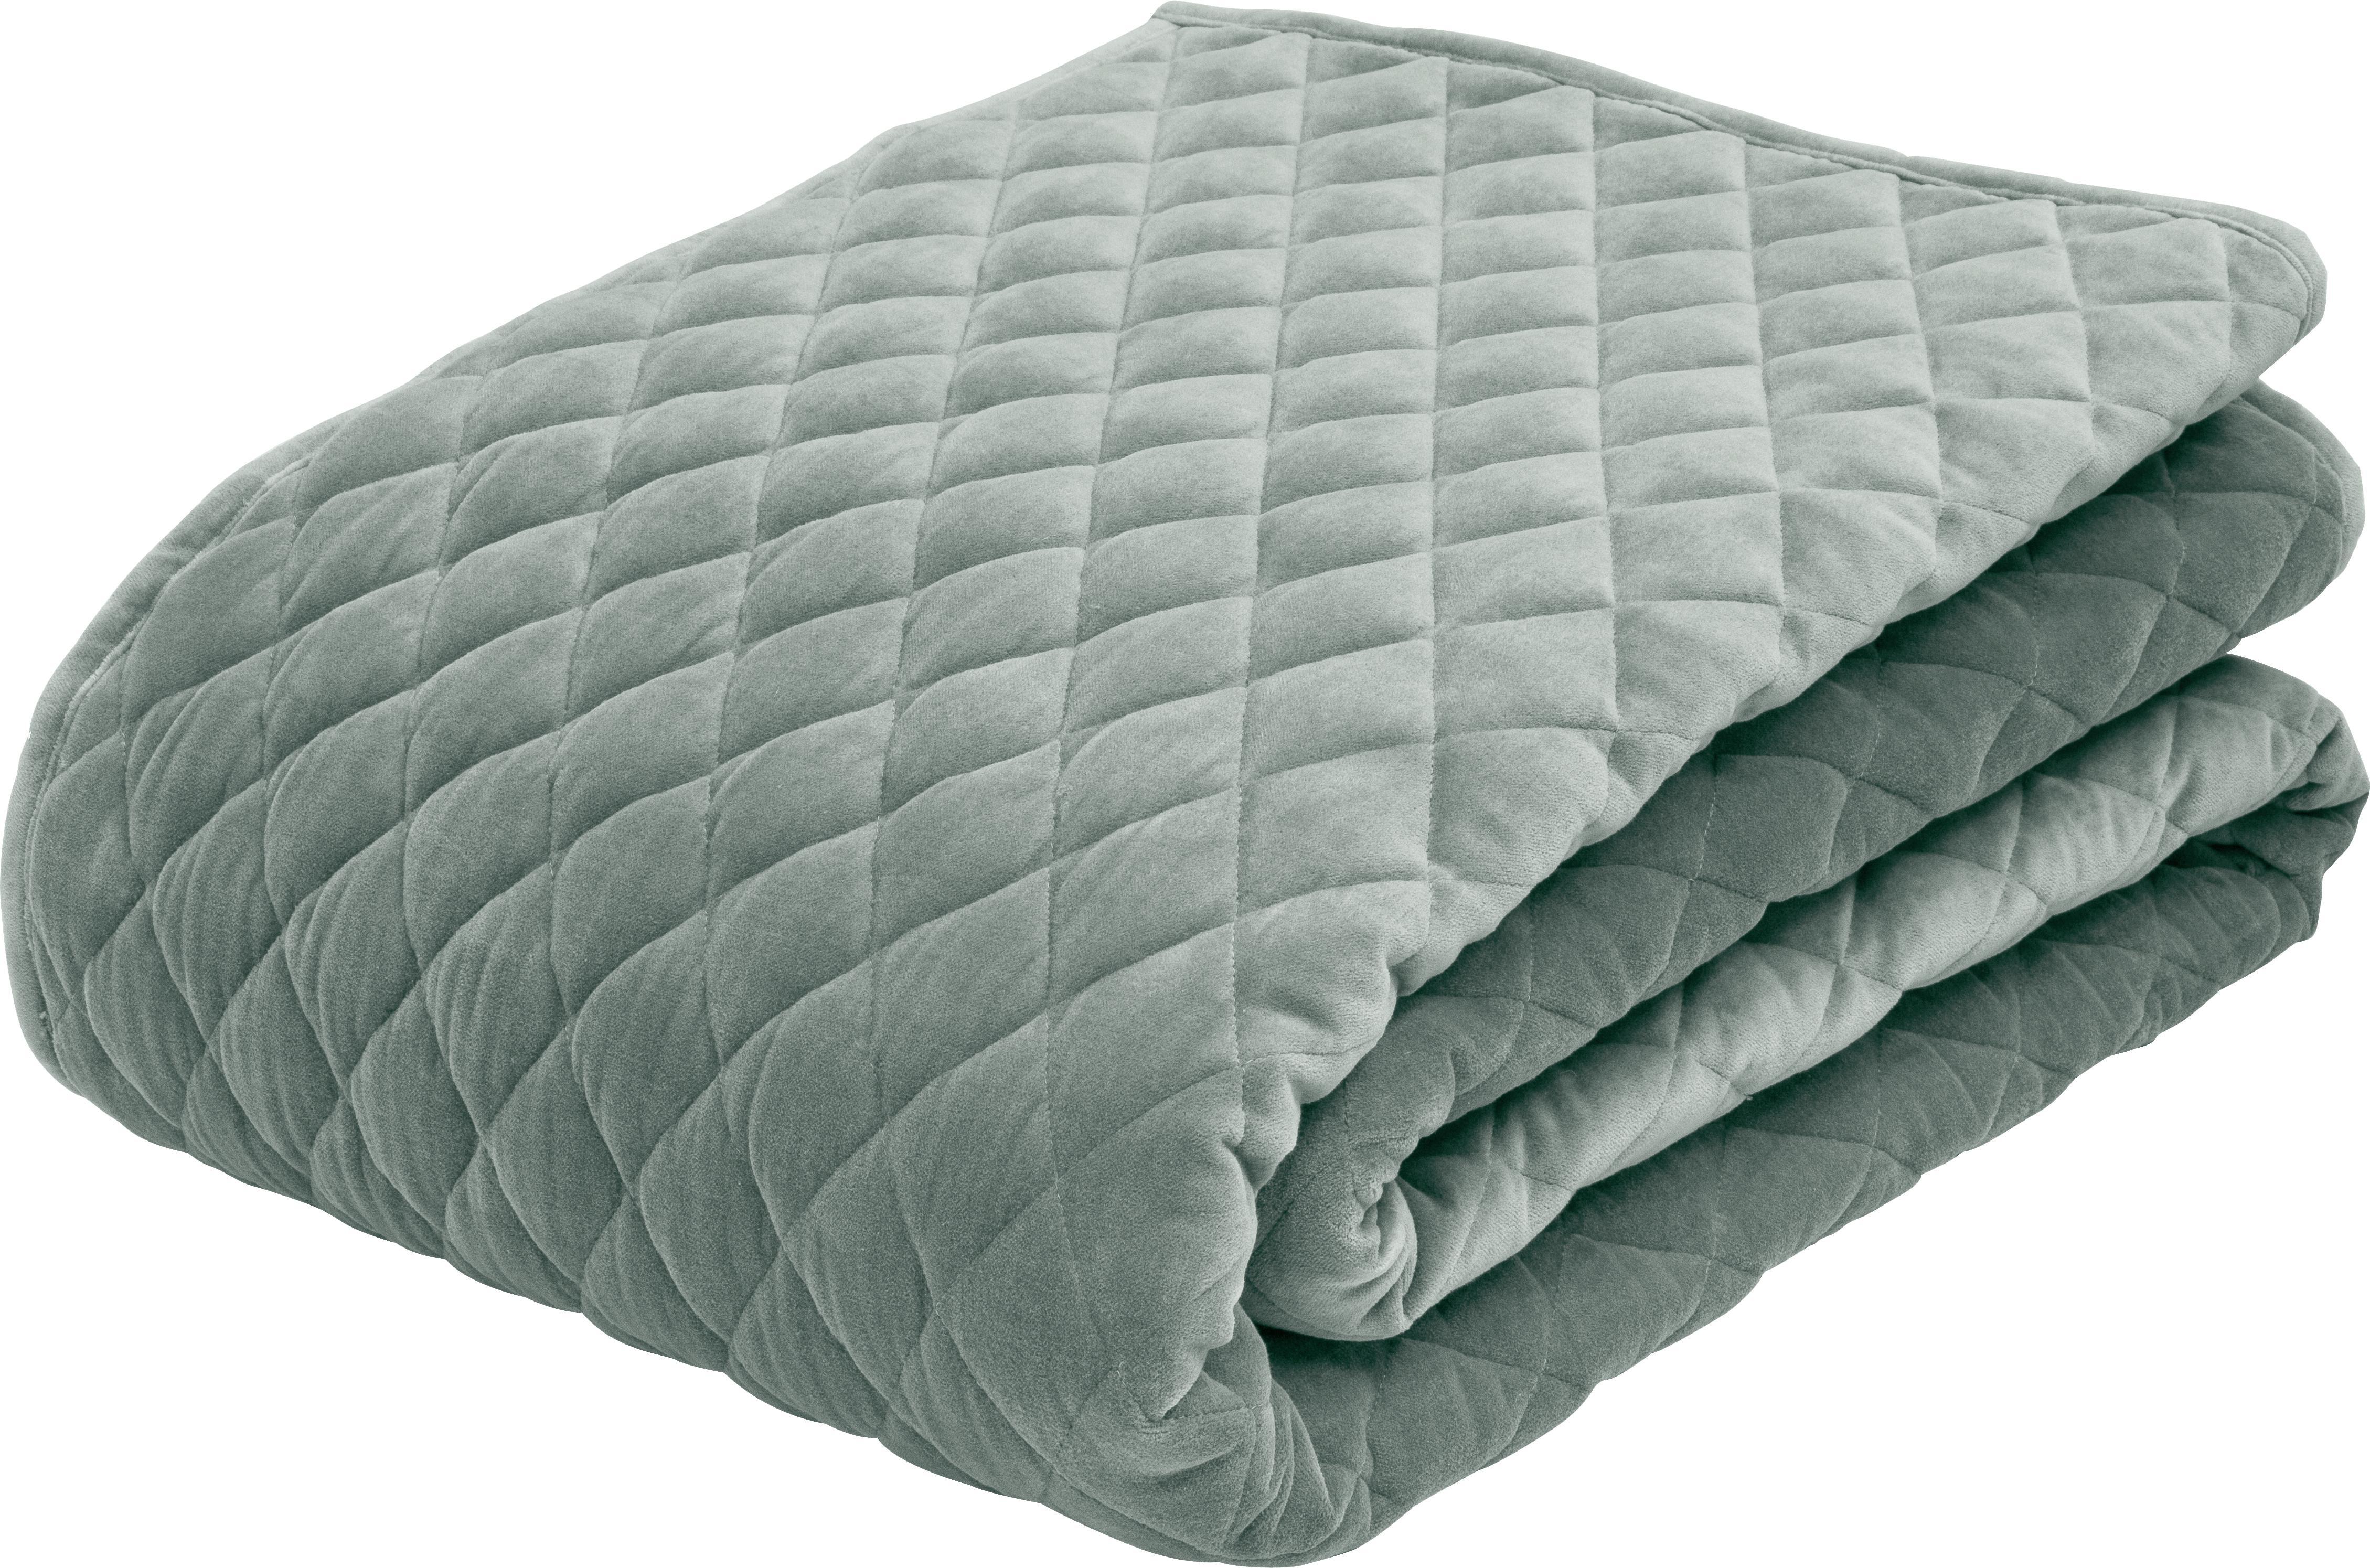 Wattierte Samt-Tagesdecke Cosima, Vorderseite: Baumwollsamt, Rückseite: Baumwolle, Salbeigrün, 160 x 220 cm